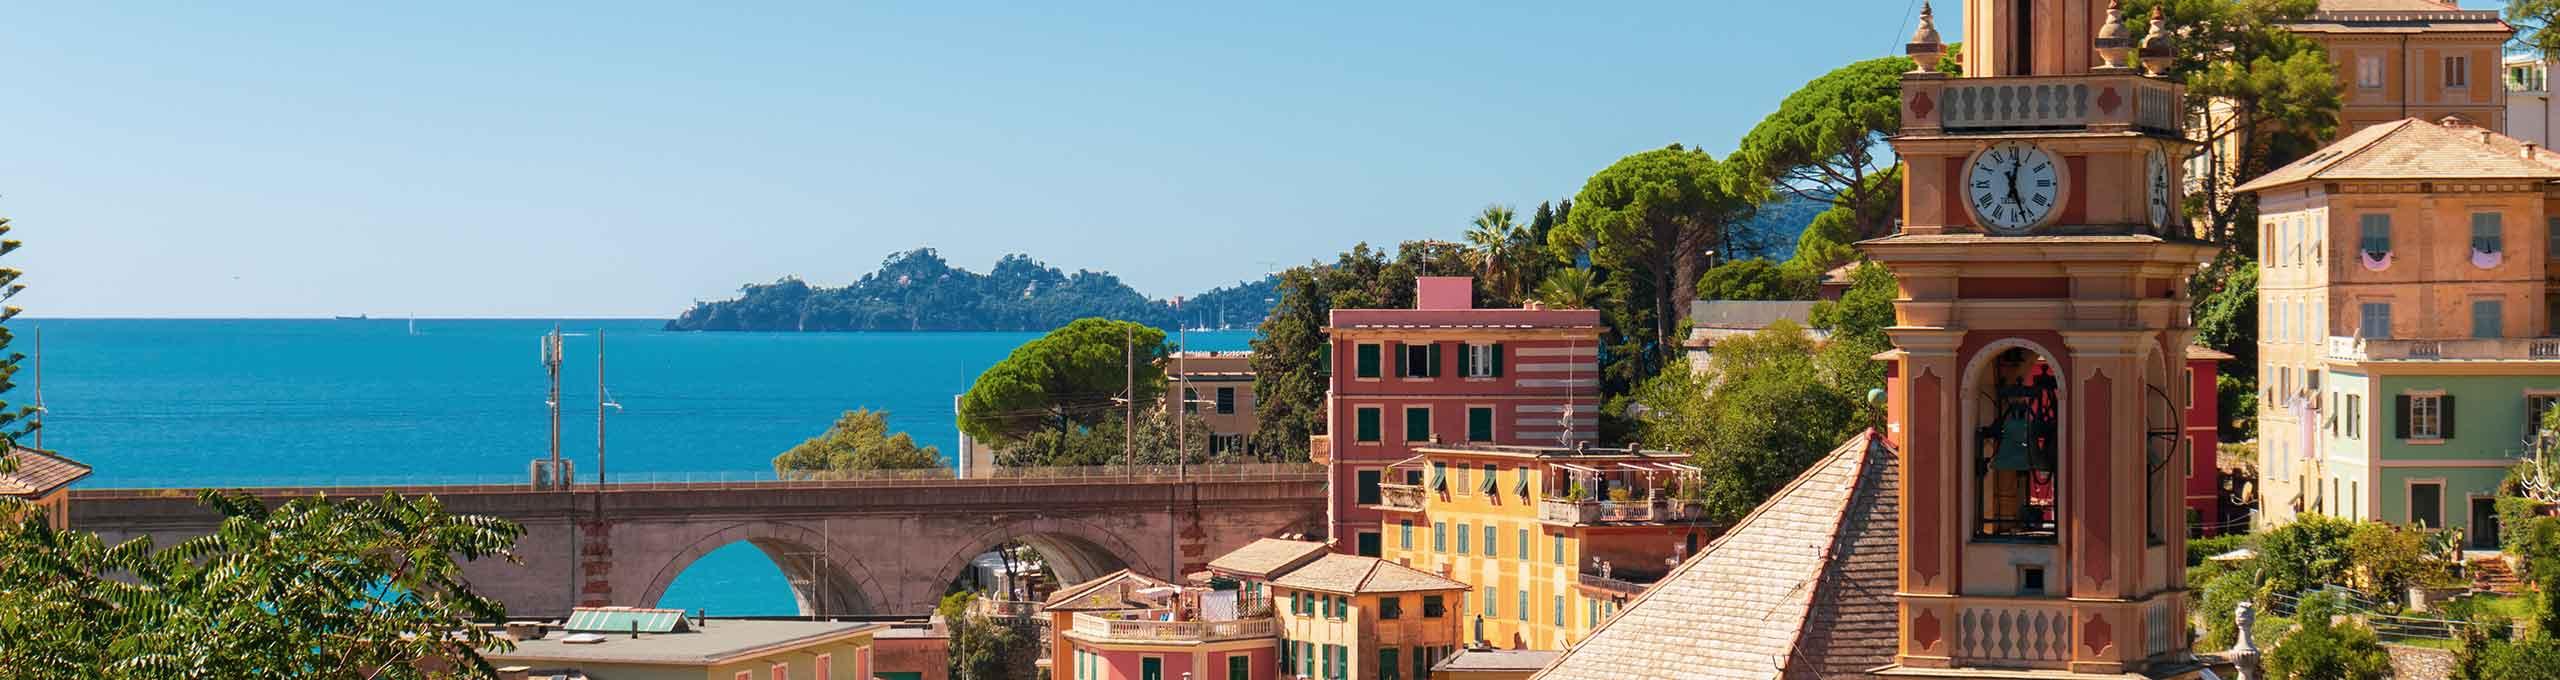 Zoagli, Golfo del Tigullio, Liguria